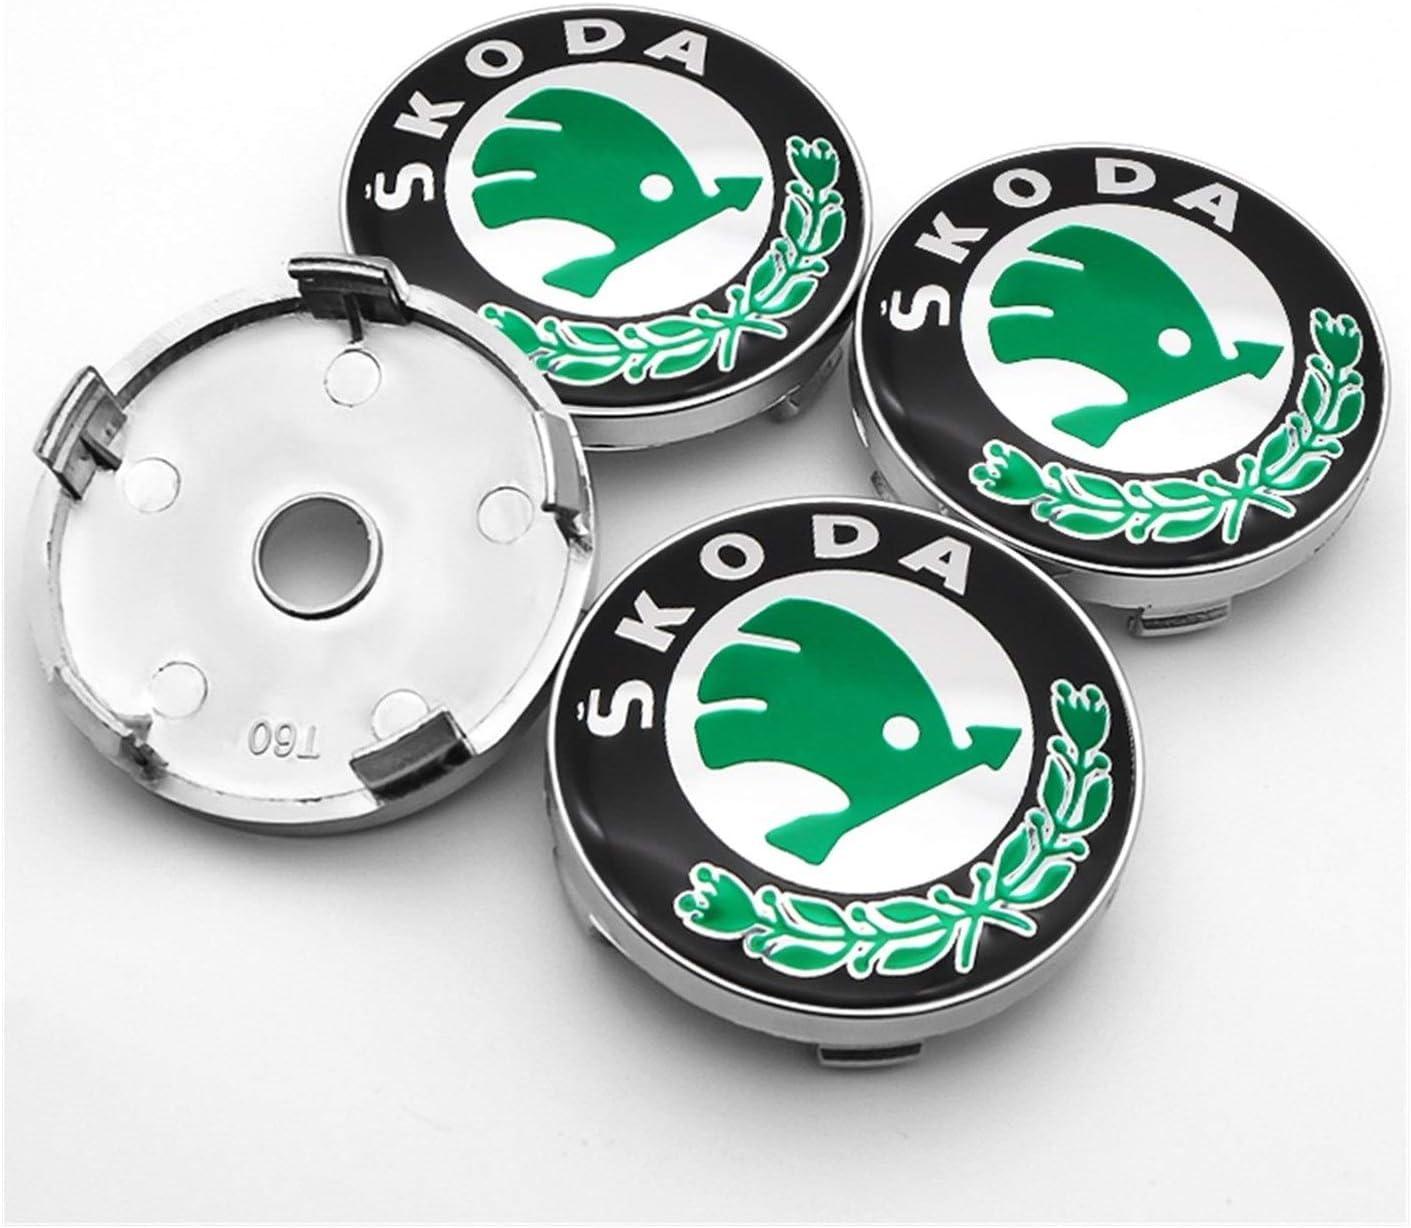 Without Argent ou Vert 56mm 4PCS et 60mm ABS Couvercle du Centre de la Roue en Aluminium de Plastique adapt/é for Skoda- GICTI Color : H Badge et Couvercle de moyeu